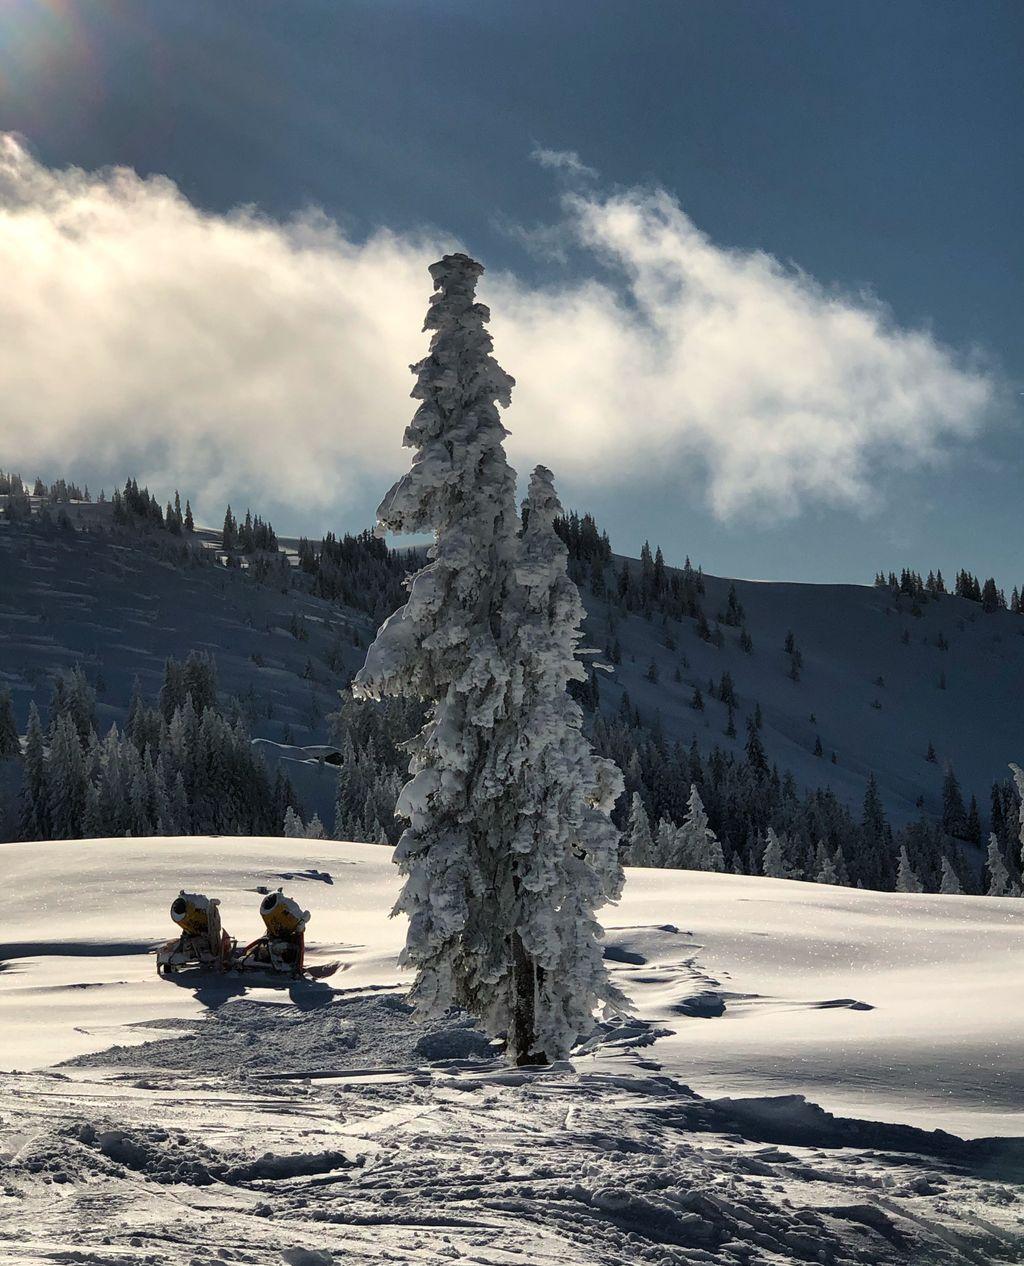 https://cdn.wintersport.nl/forum/26/ff753c9aa4c222e3121af03e...